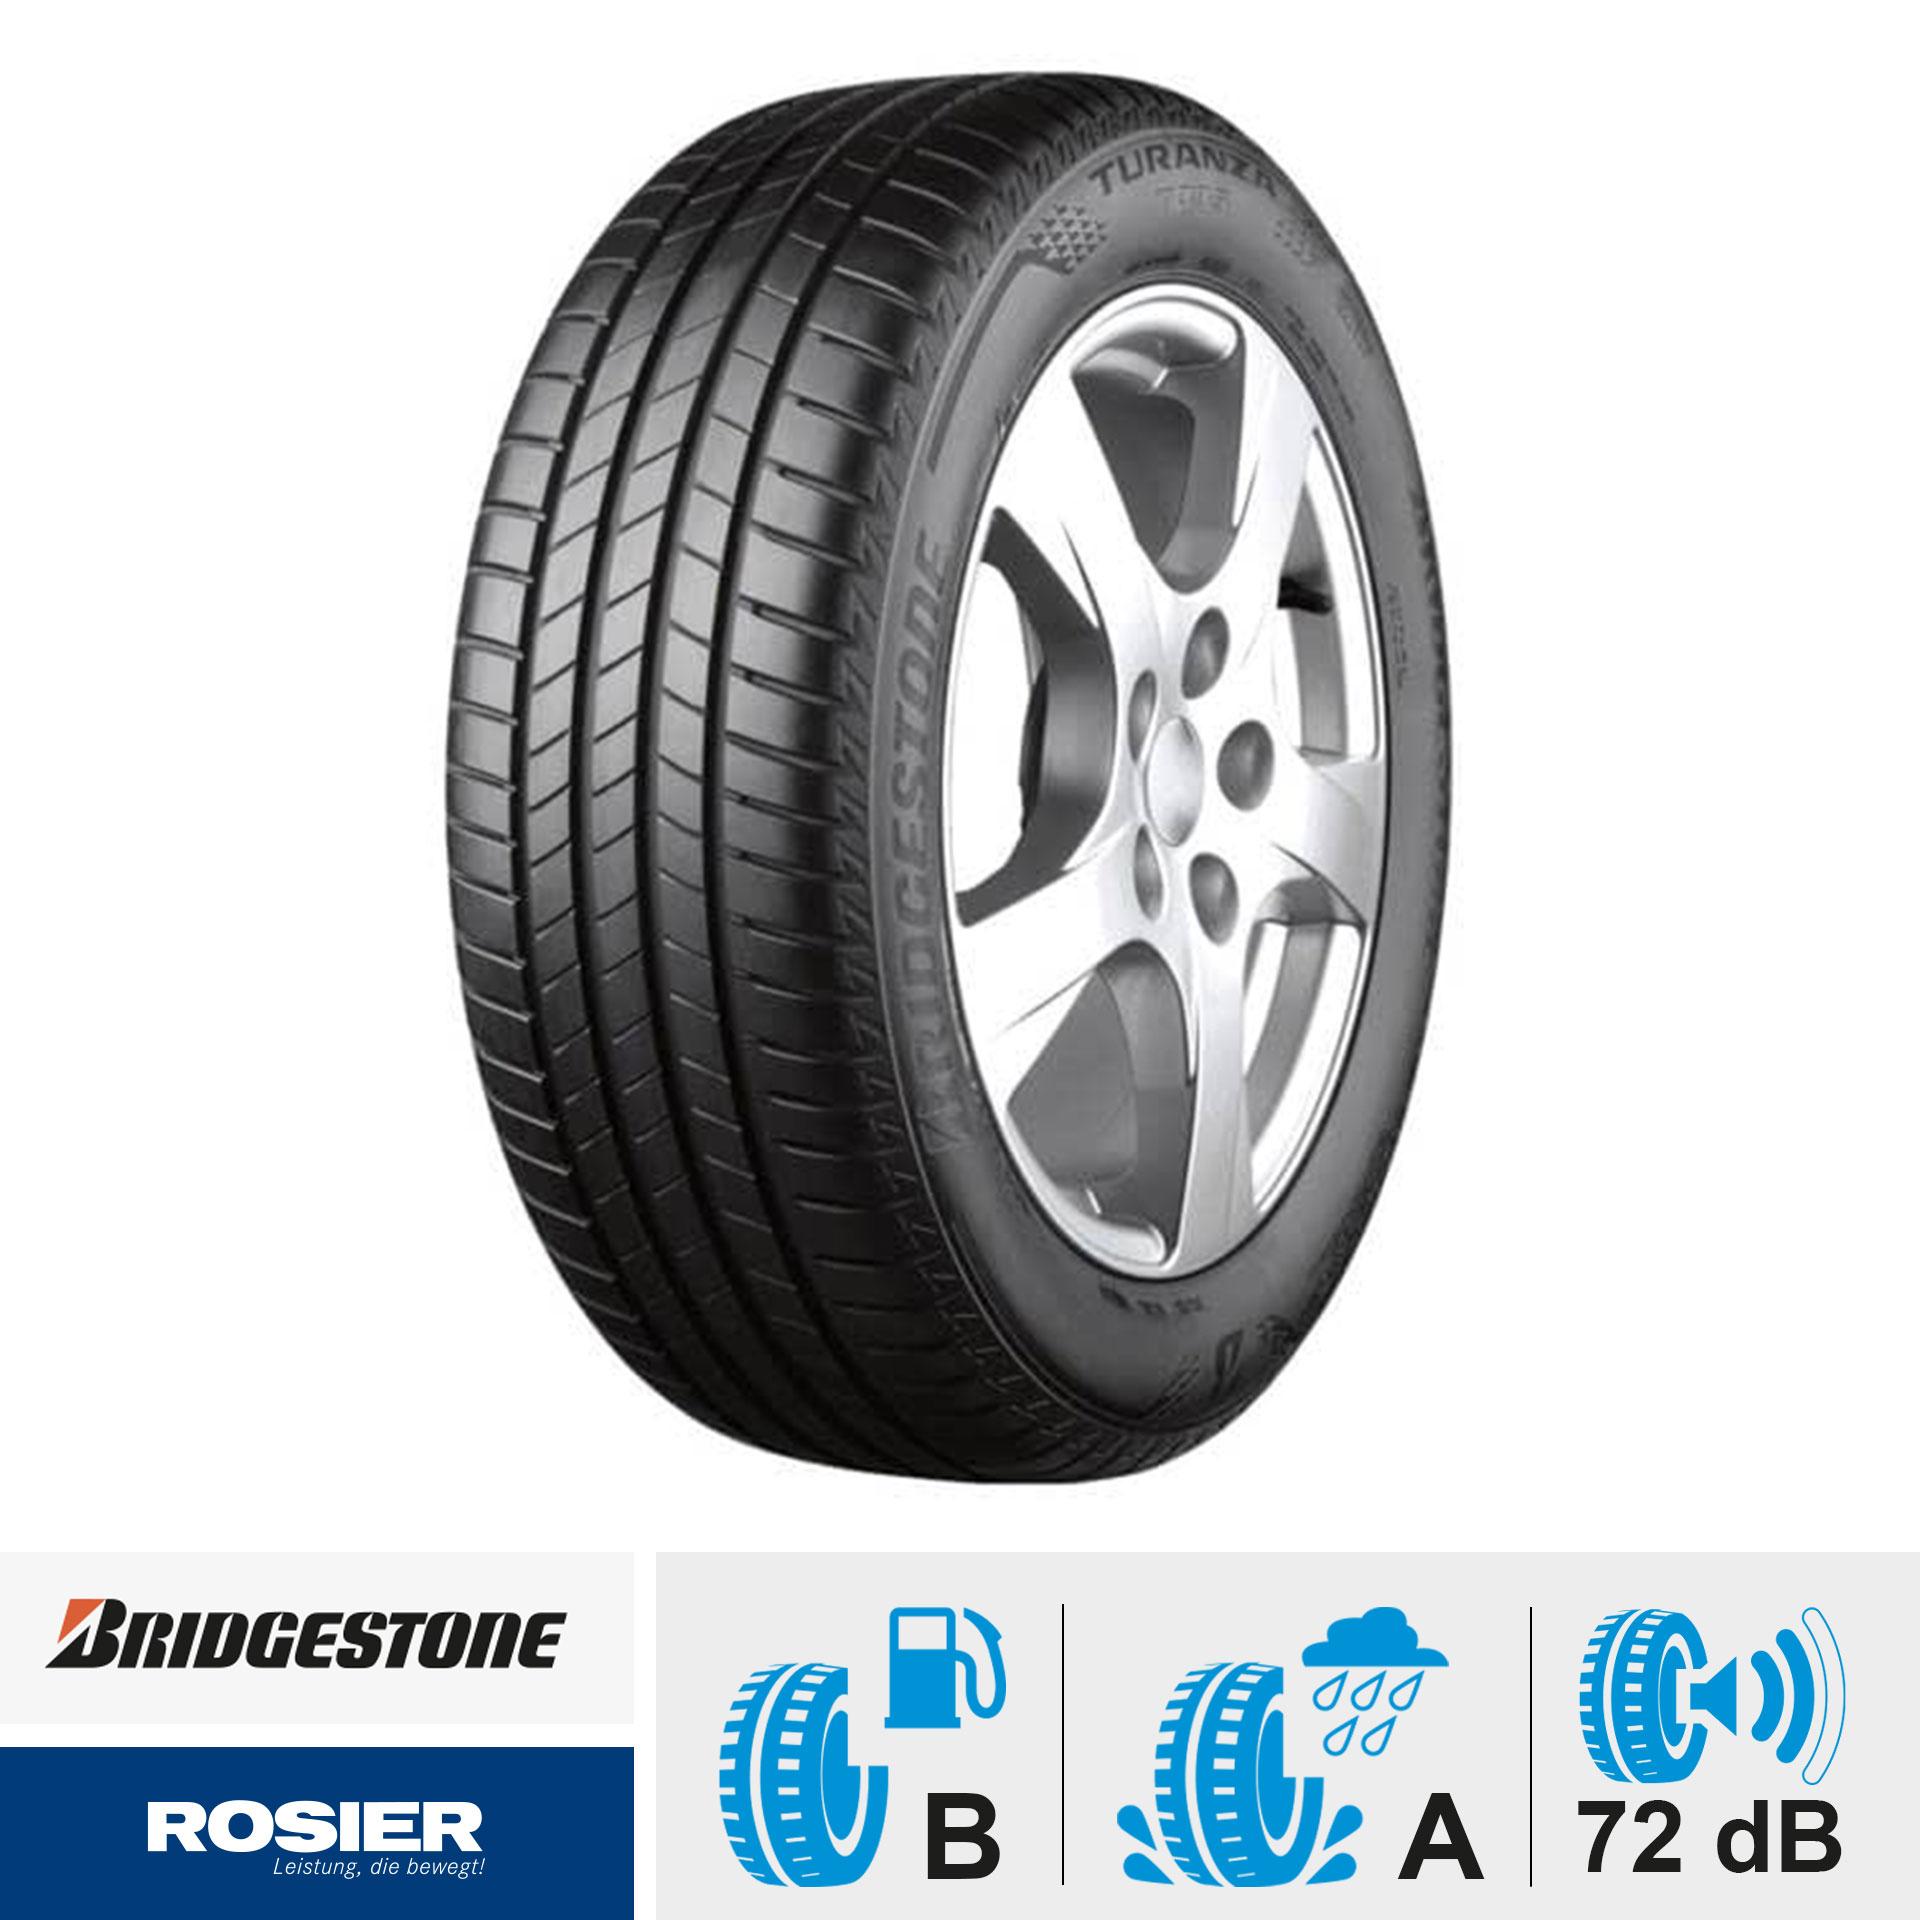 Bridgestone Turanza T005 225/40 R 18 92Y XL - Sommerreifen